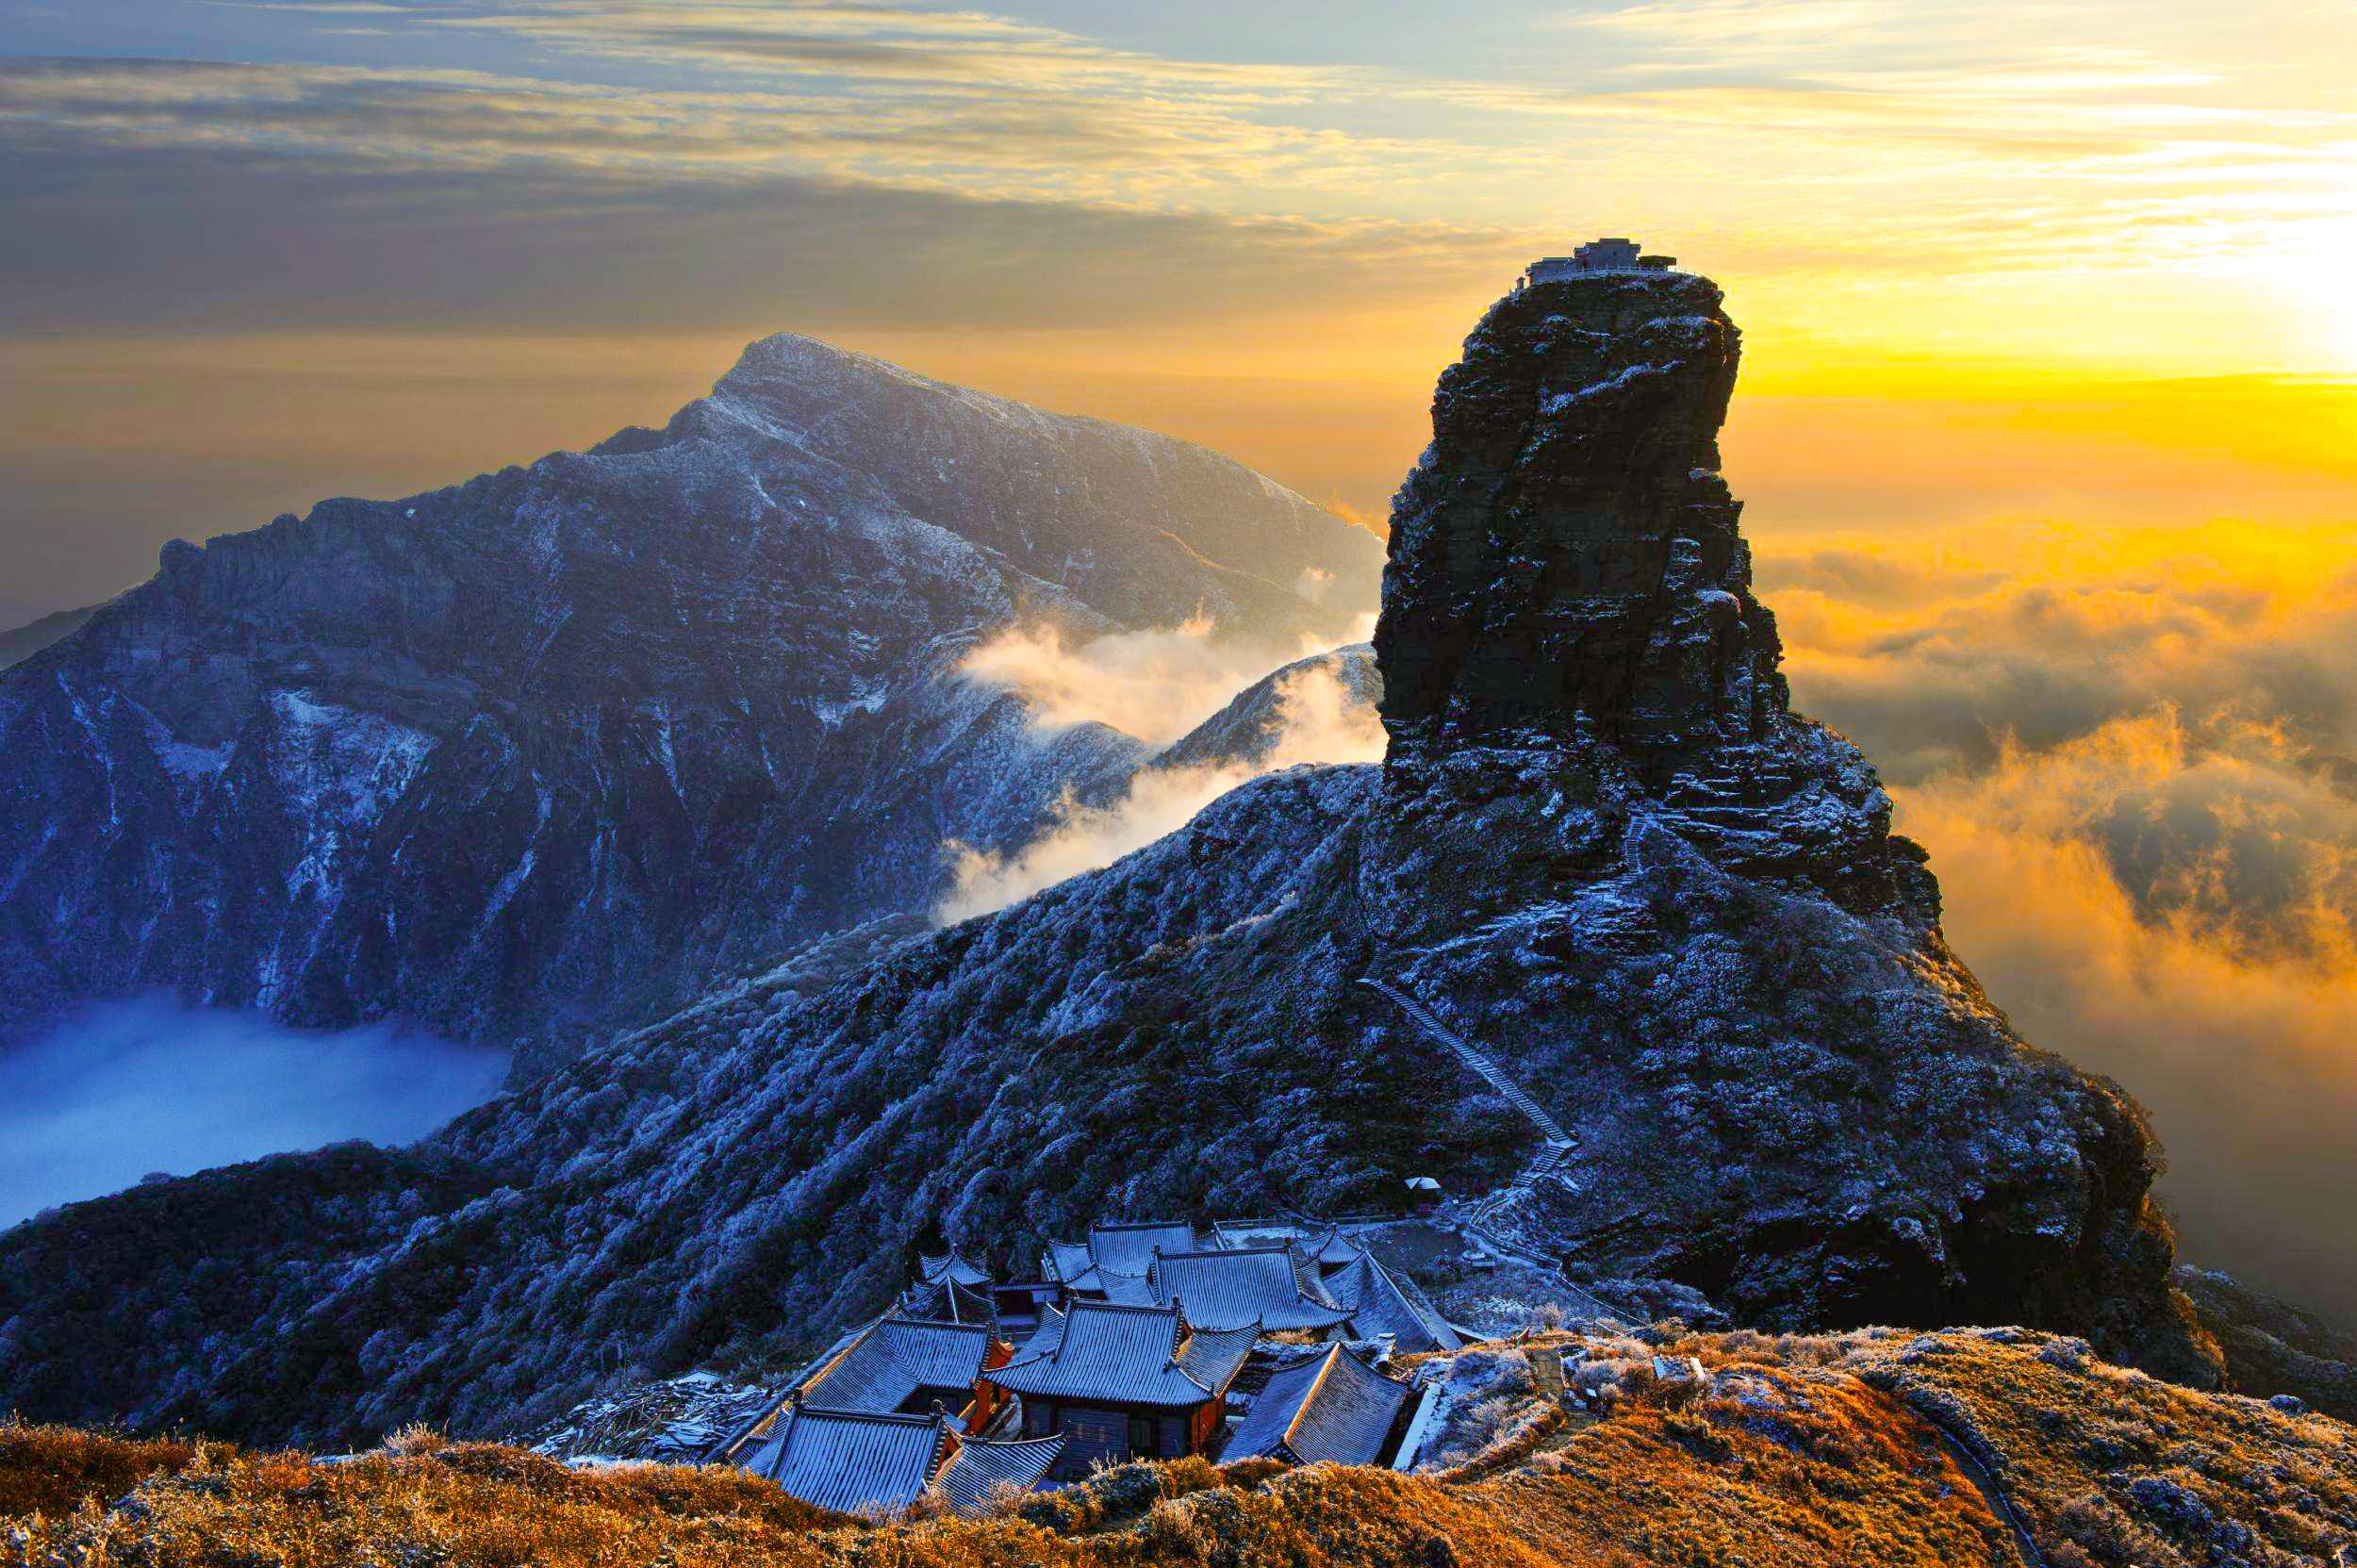 元旦假日期间贵州省经济稳中向好,实现旅游收入36.14亿元!